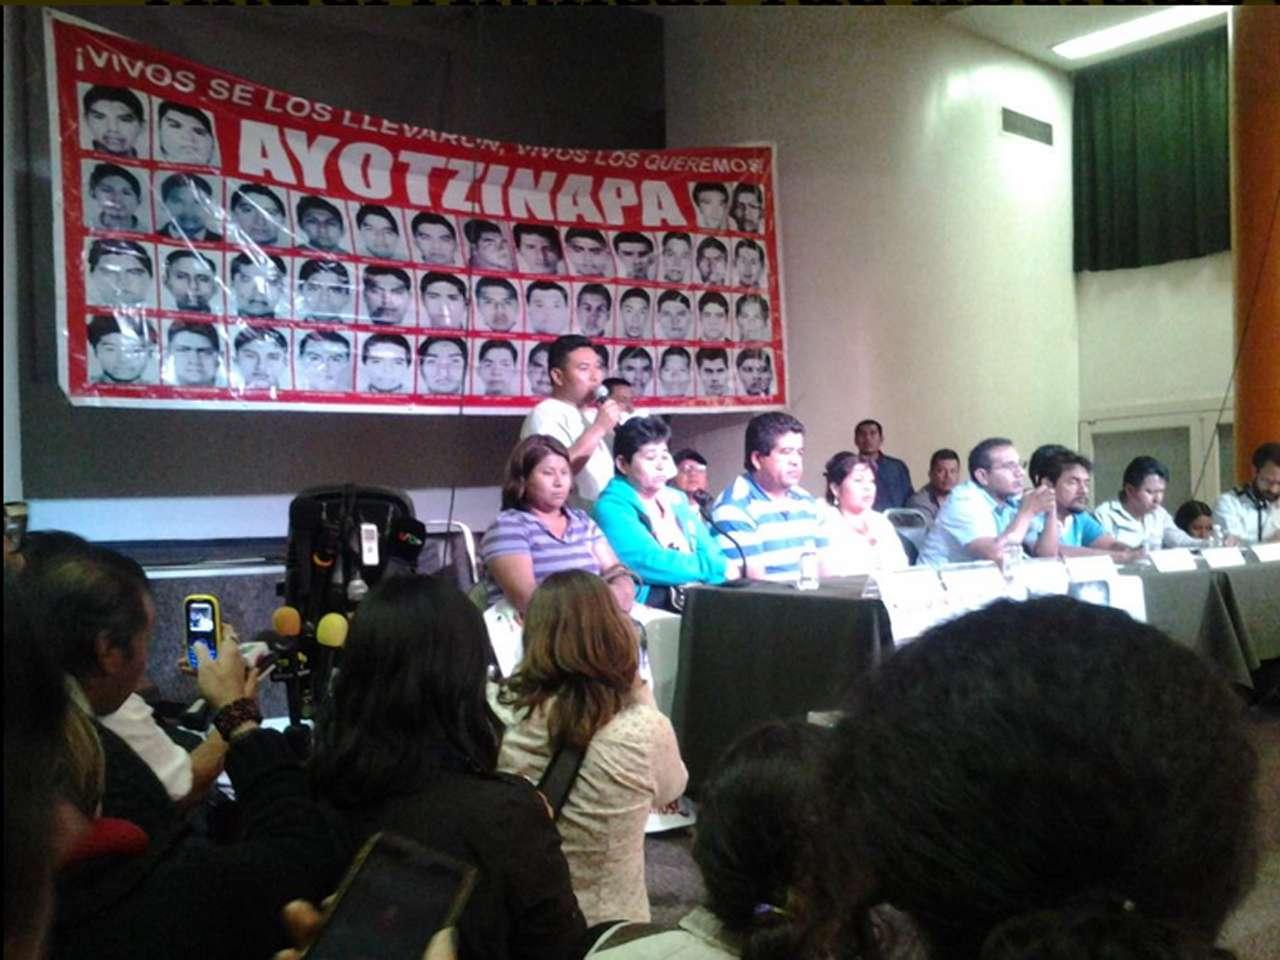 Padres de los 43 normalistas desaparecidos en Iguala, Guerrero, el 26 de septiembre señalaron que no permitirán que se le dé carpetazo al caso Ayotzinapa y advirtieron que llegarán hasta las últimas consecuencias, ya que la intención de las autoridades federales es cerrar el asunto. Foto: @CentroProdh